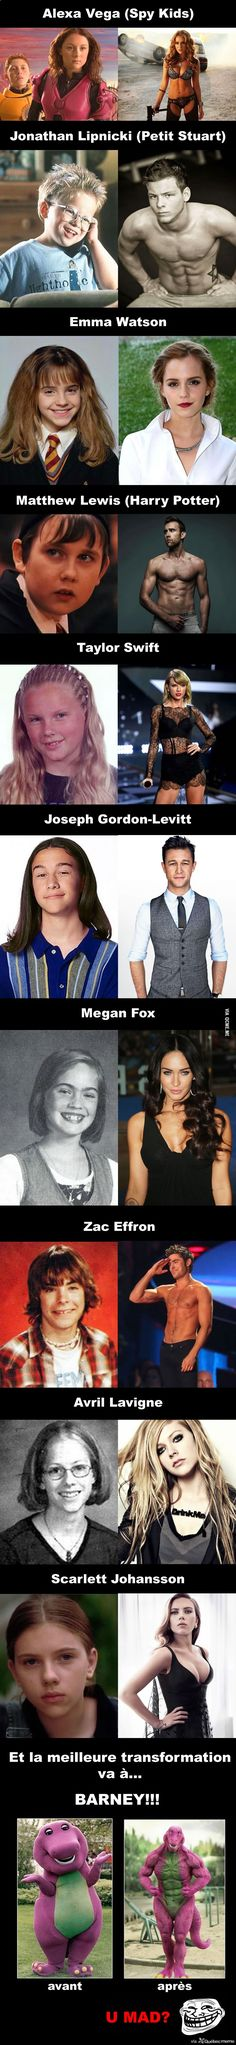 Merci Puberté! 11 célébrités qui ont ultra bien grandi